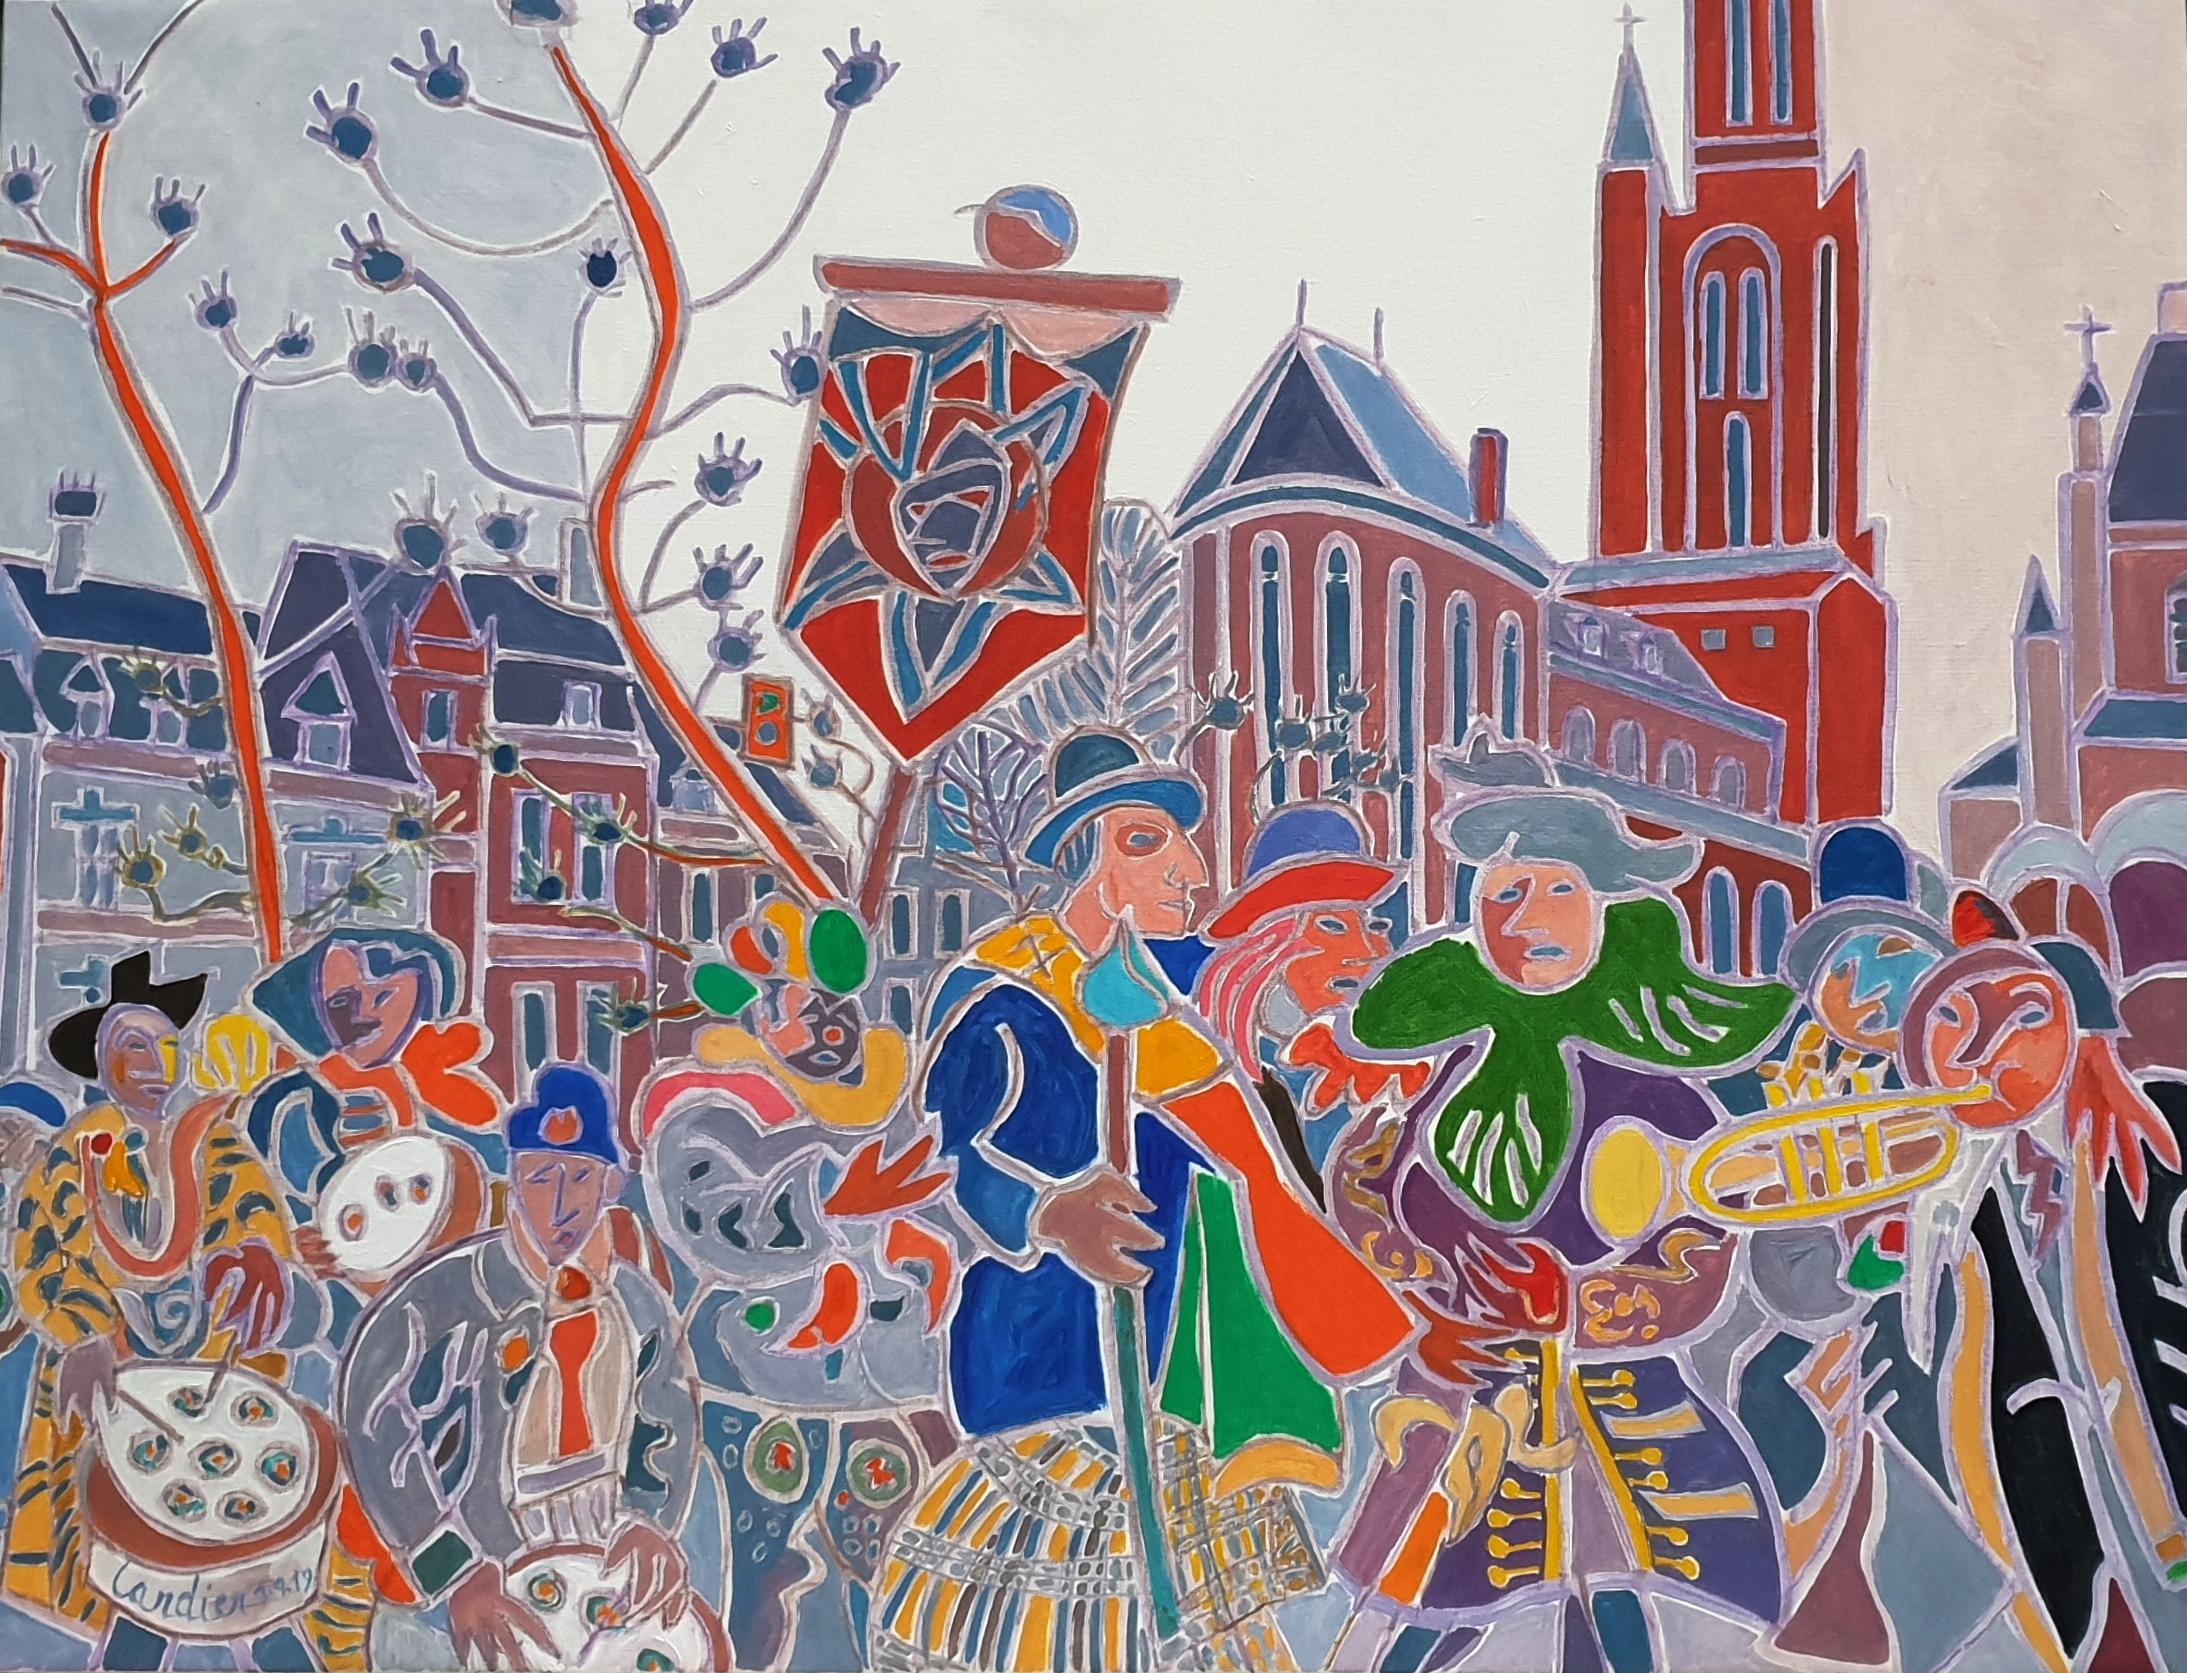 Le cortège sur la Vrijthof Peinture de Henri LANDIER 2019 89x116 cm Prix : 18 000 €